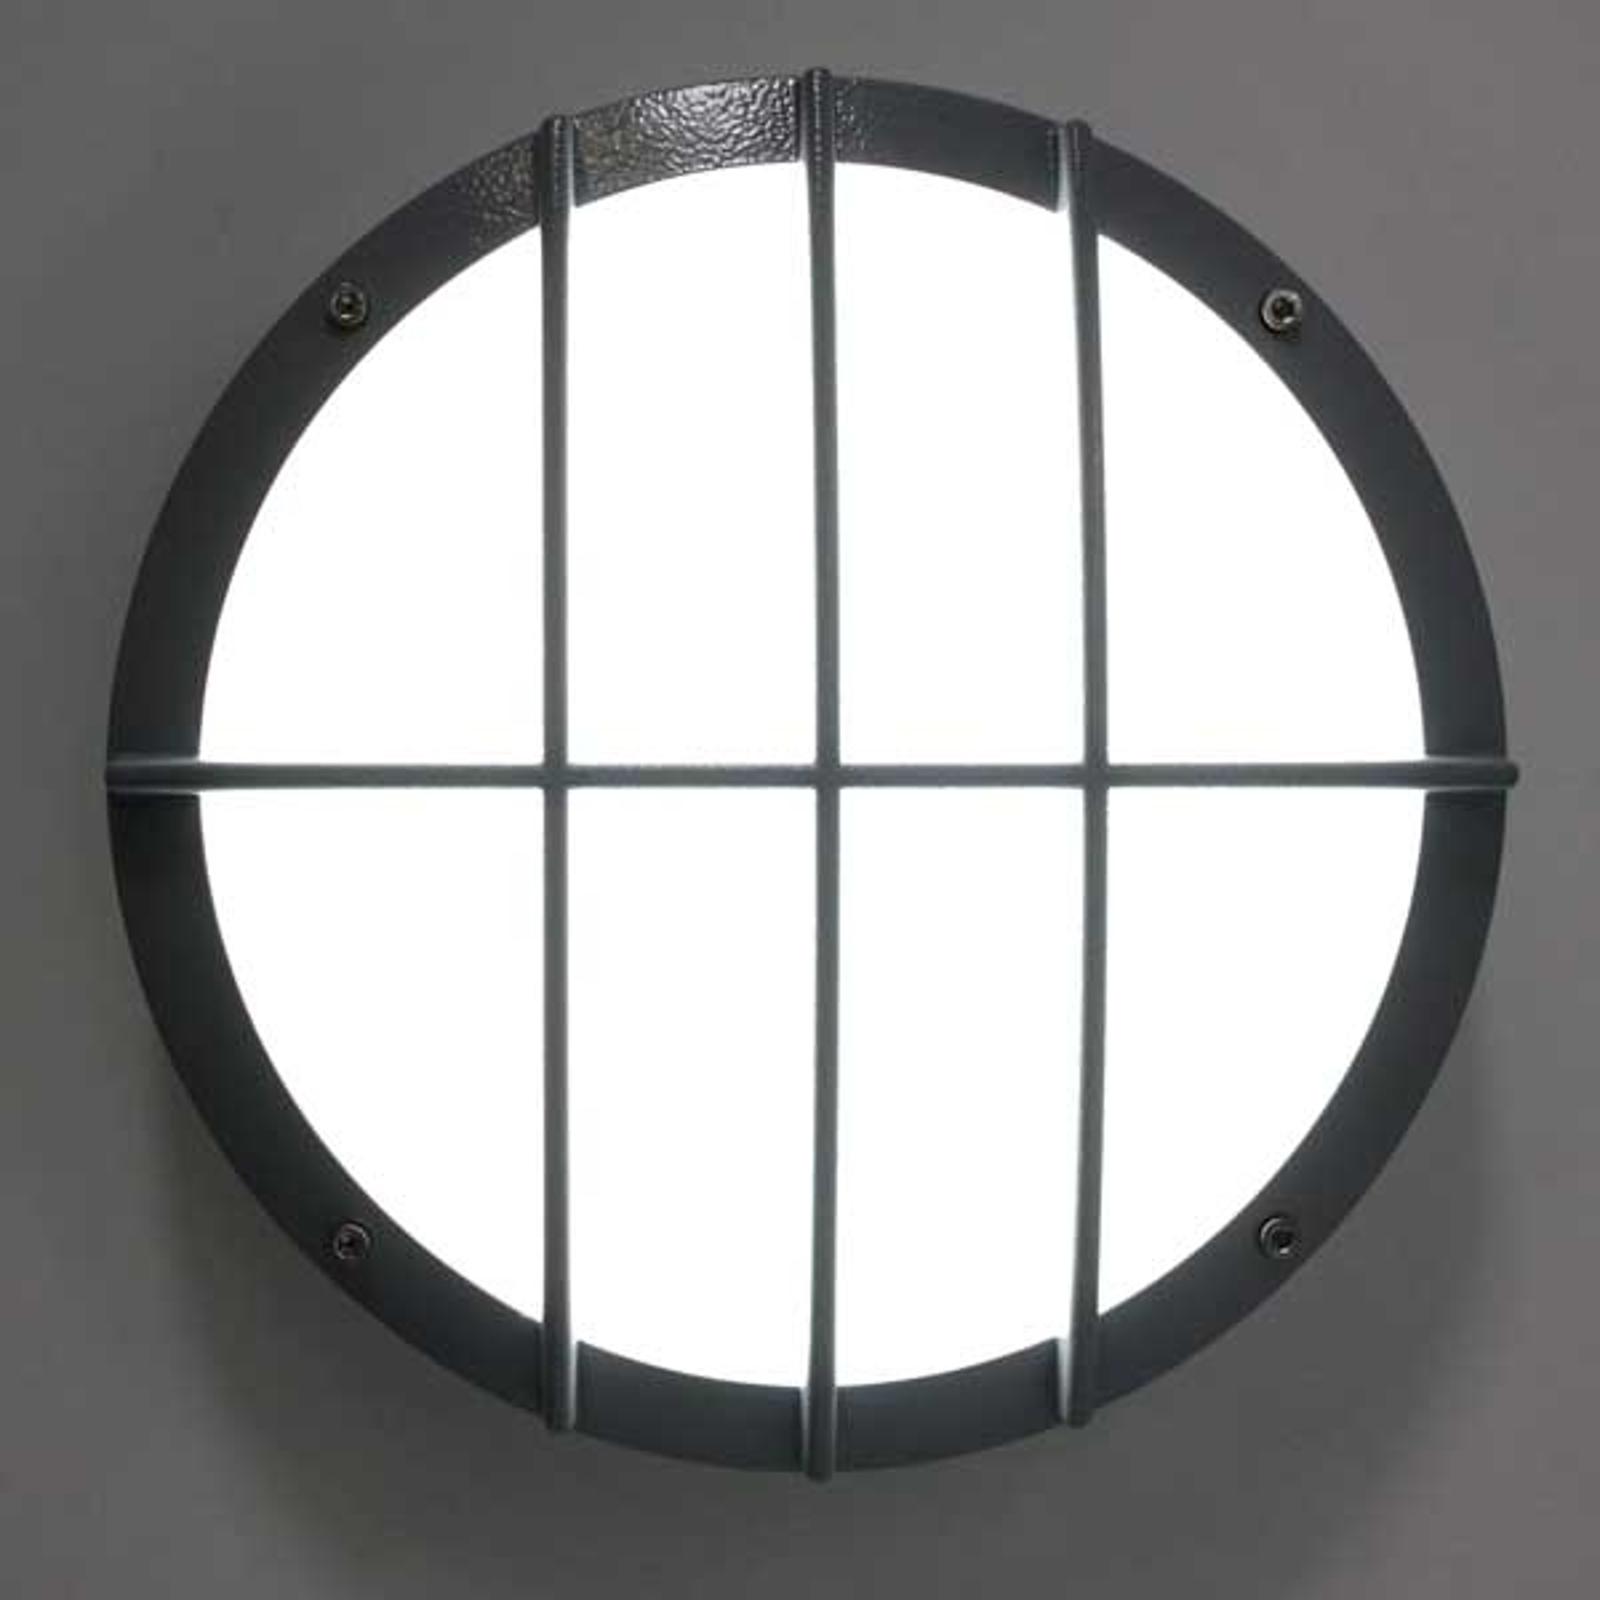 Applique LED SUN 8, alu moulé, 13 W 3k détecteur